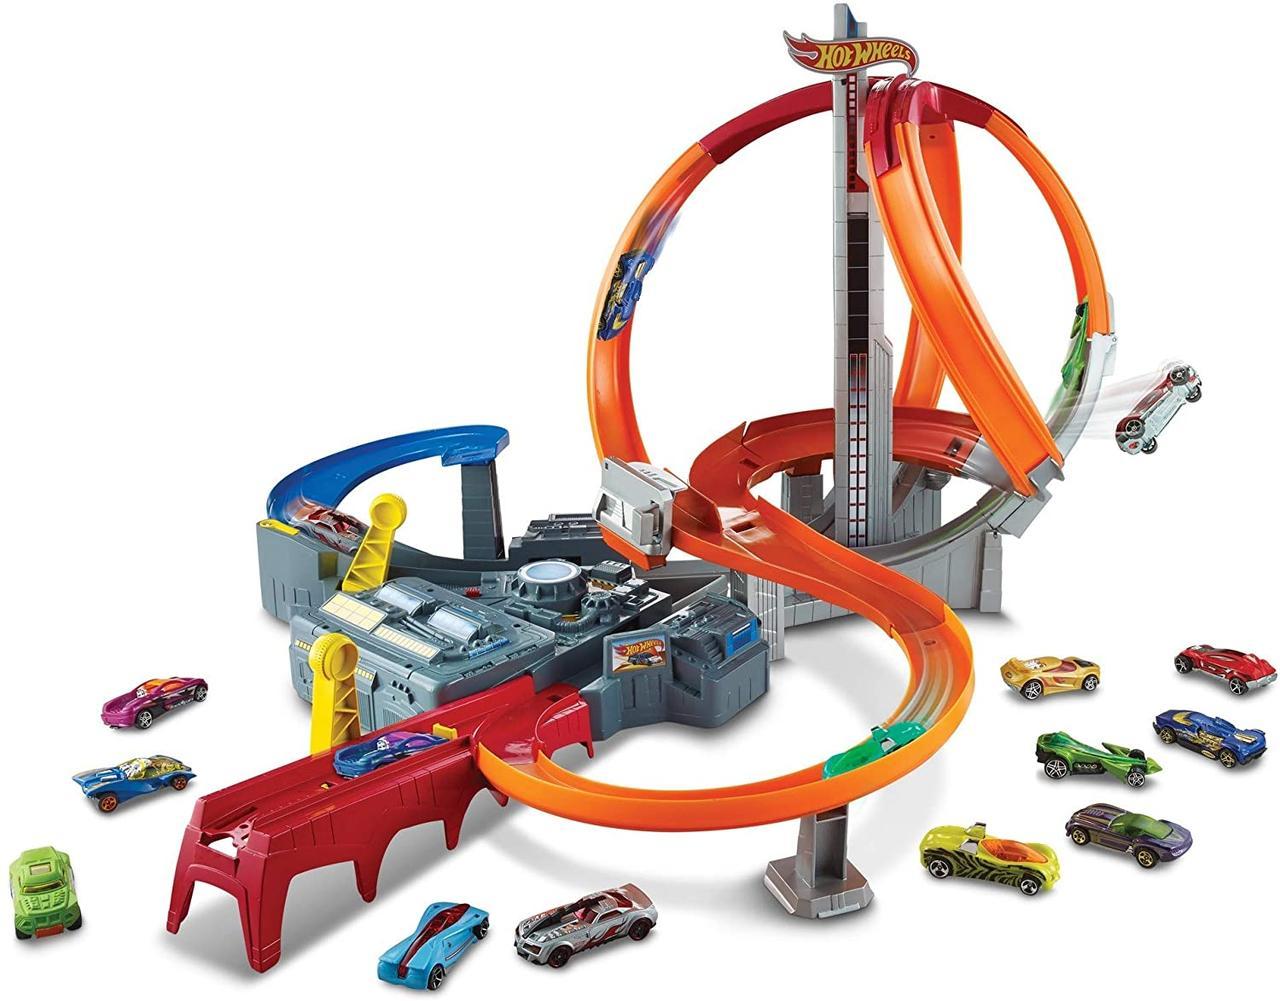 Трек Хот Вилс Головокружительные виражи Hot Wheels Spin Storm Track Set